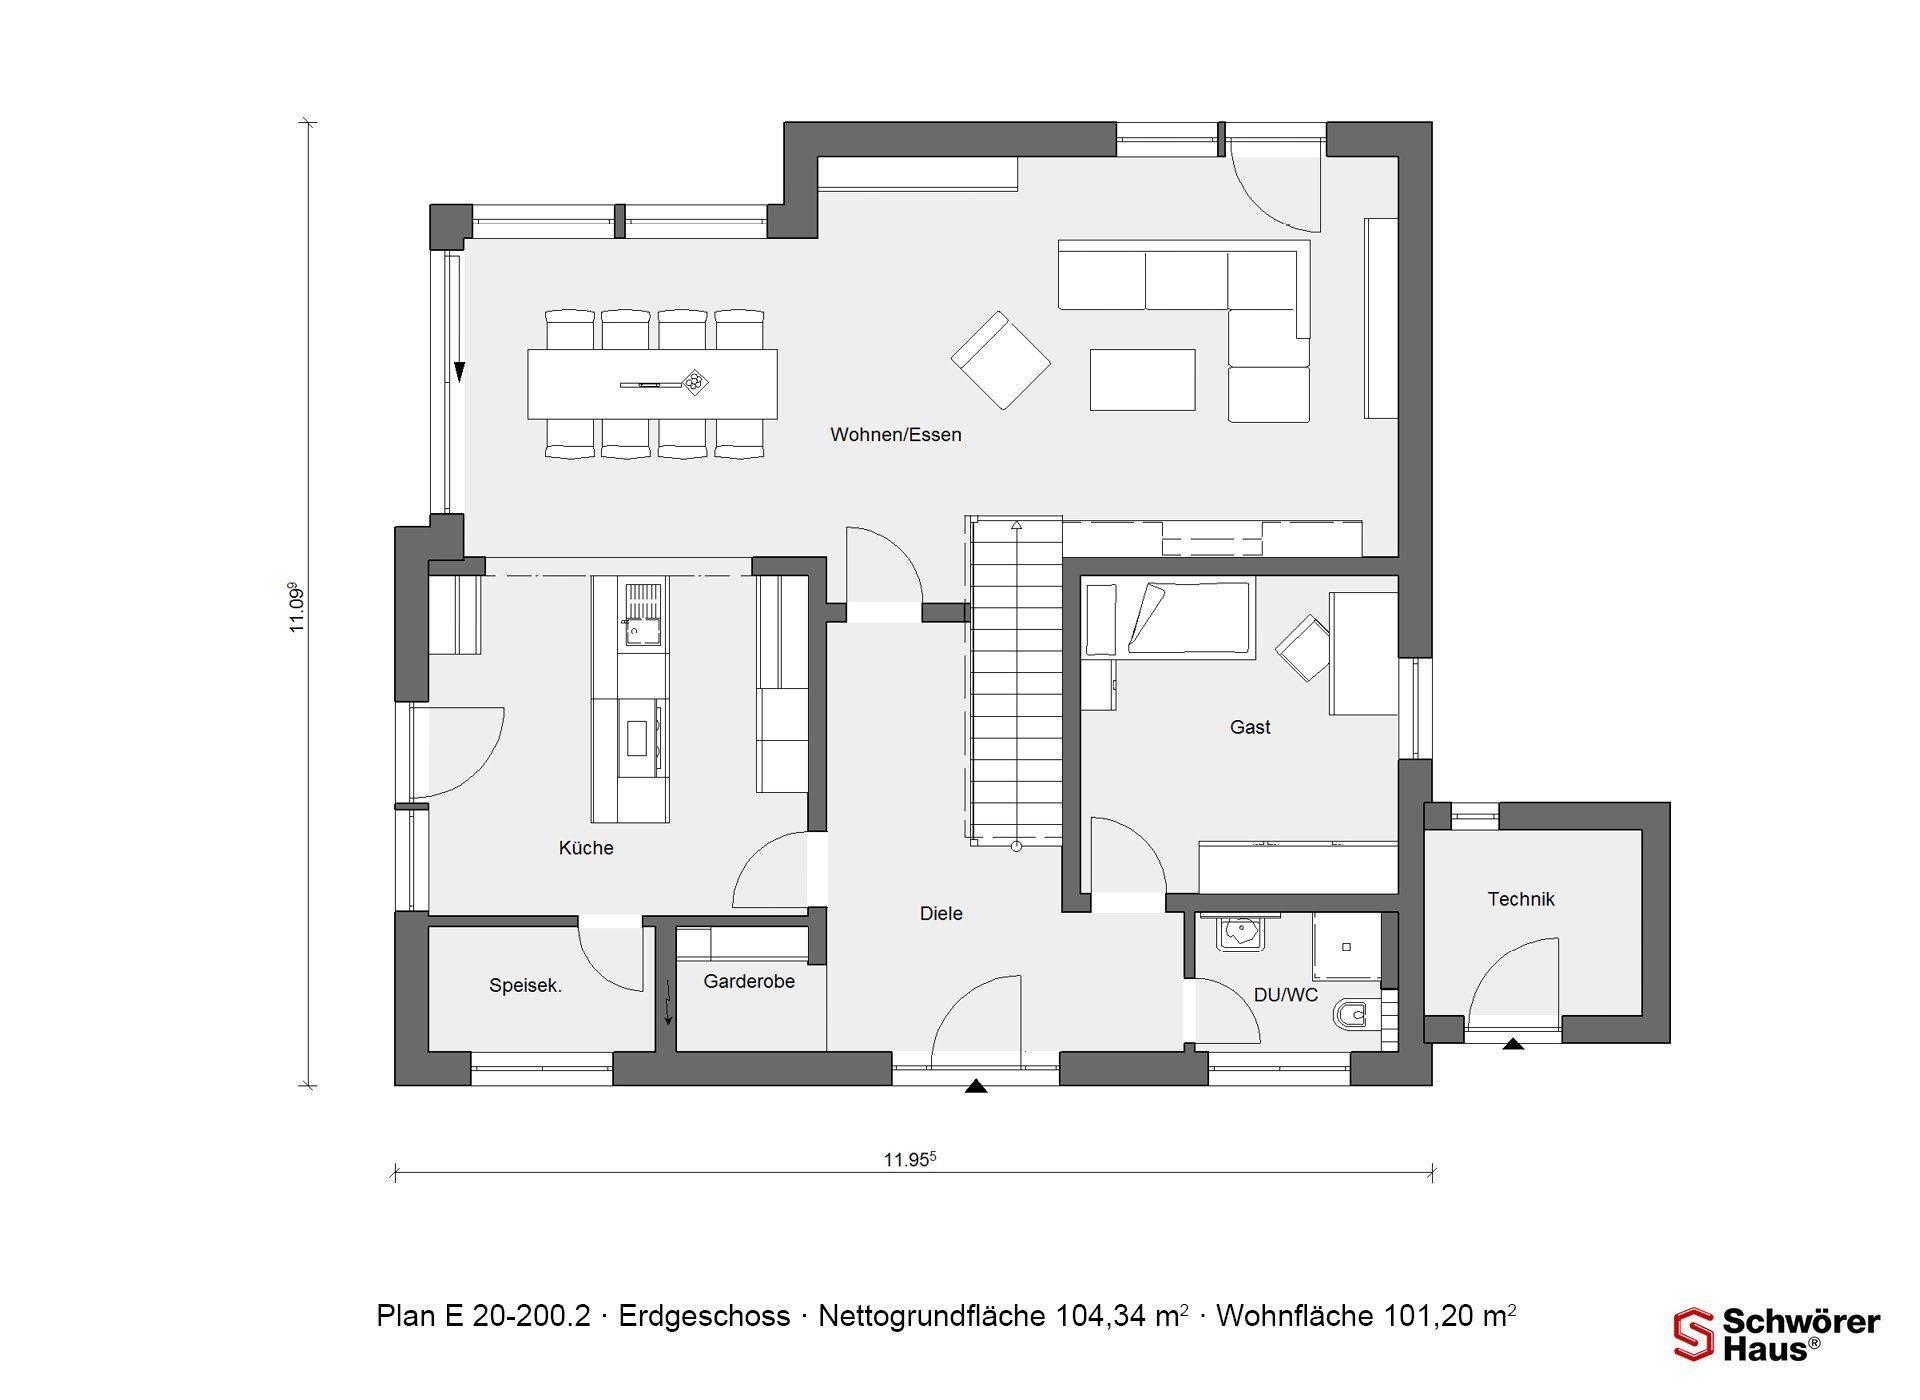 Plan E 15-214.1 - Ein Screenshot eines Videospiels - Gebäudeplan